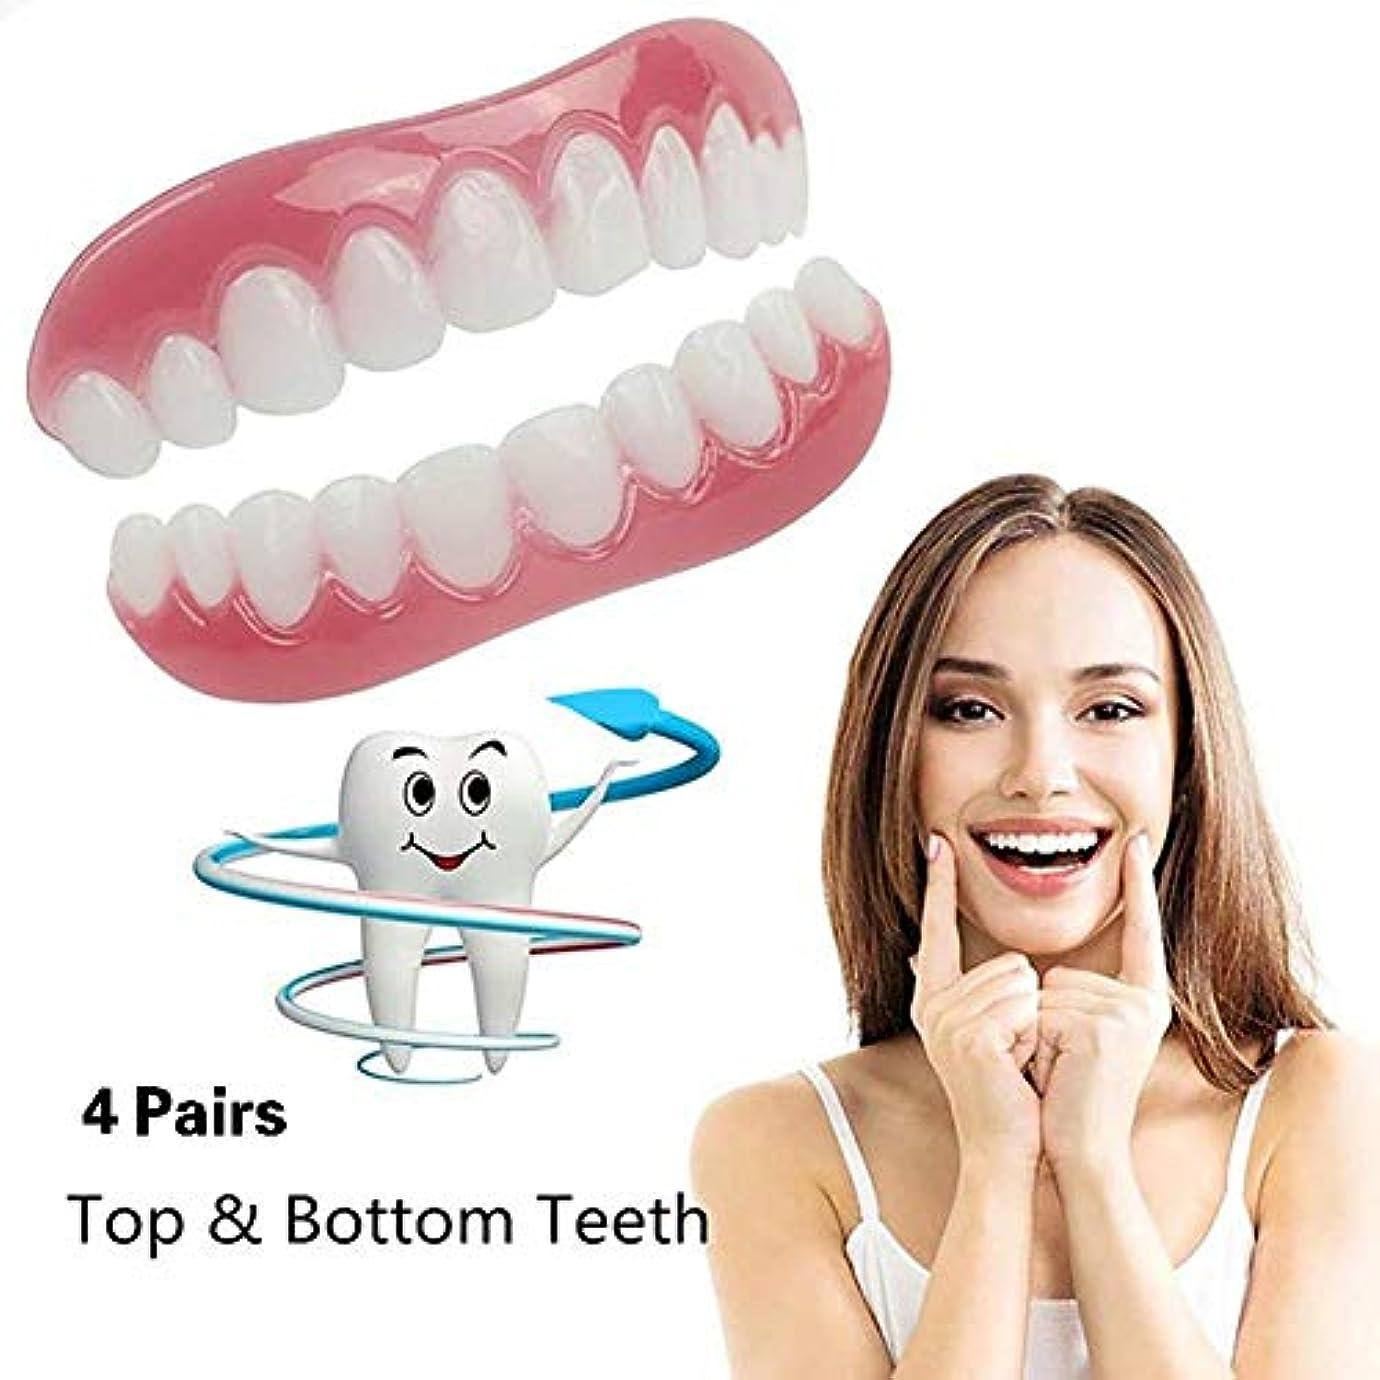 怒り受付第二にシリコーンの歯のベニヤ化粧品の歯のスナップのしっかりとした上部の低い屈曲の歯科ベニヤ義歯のケアを白くする完全な歯1つのサイズに収まるすべて